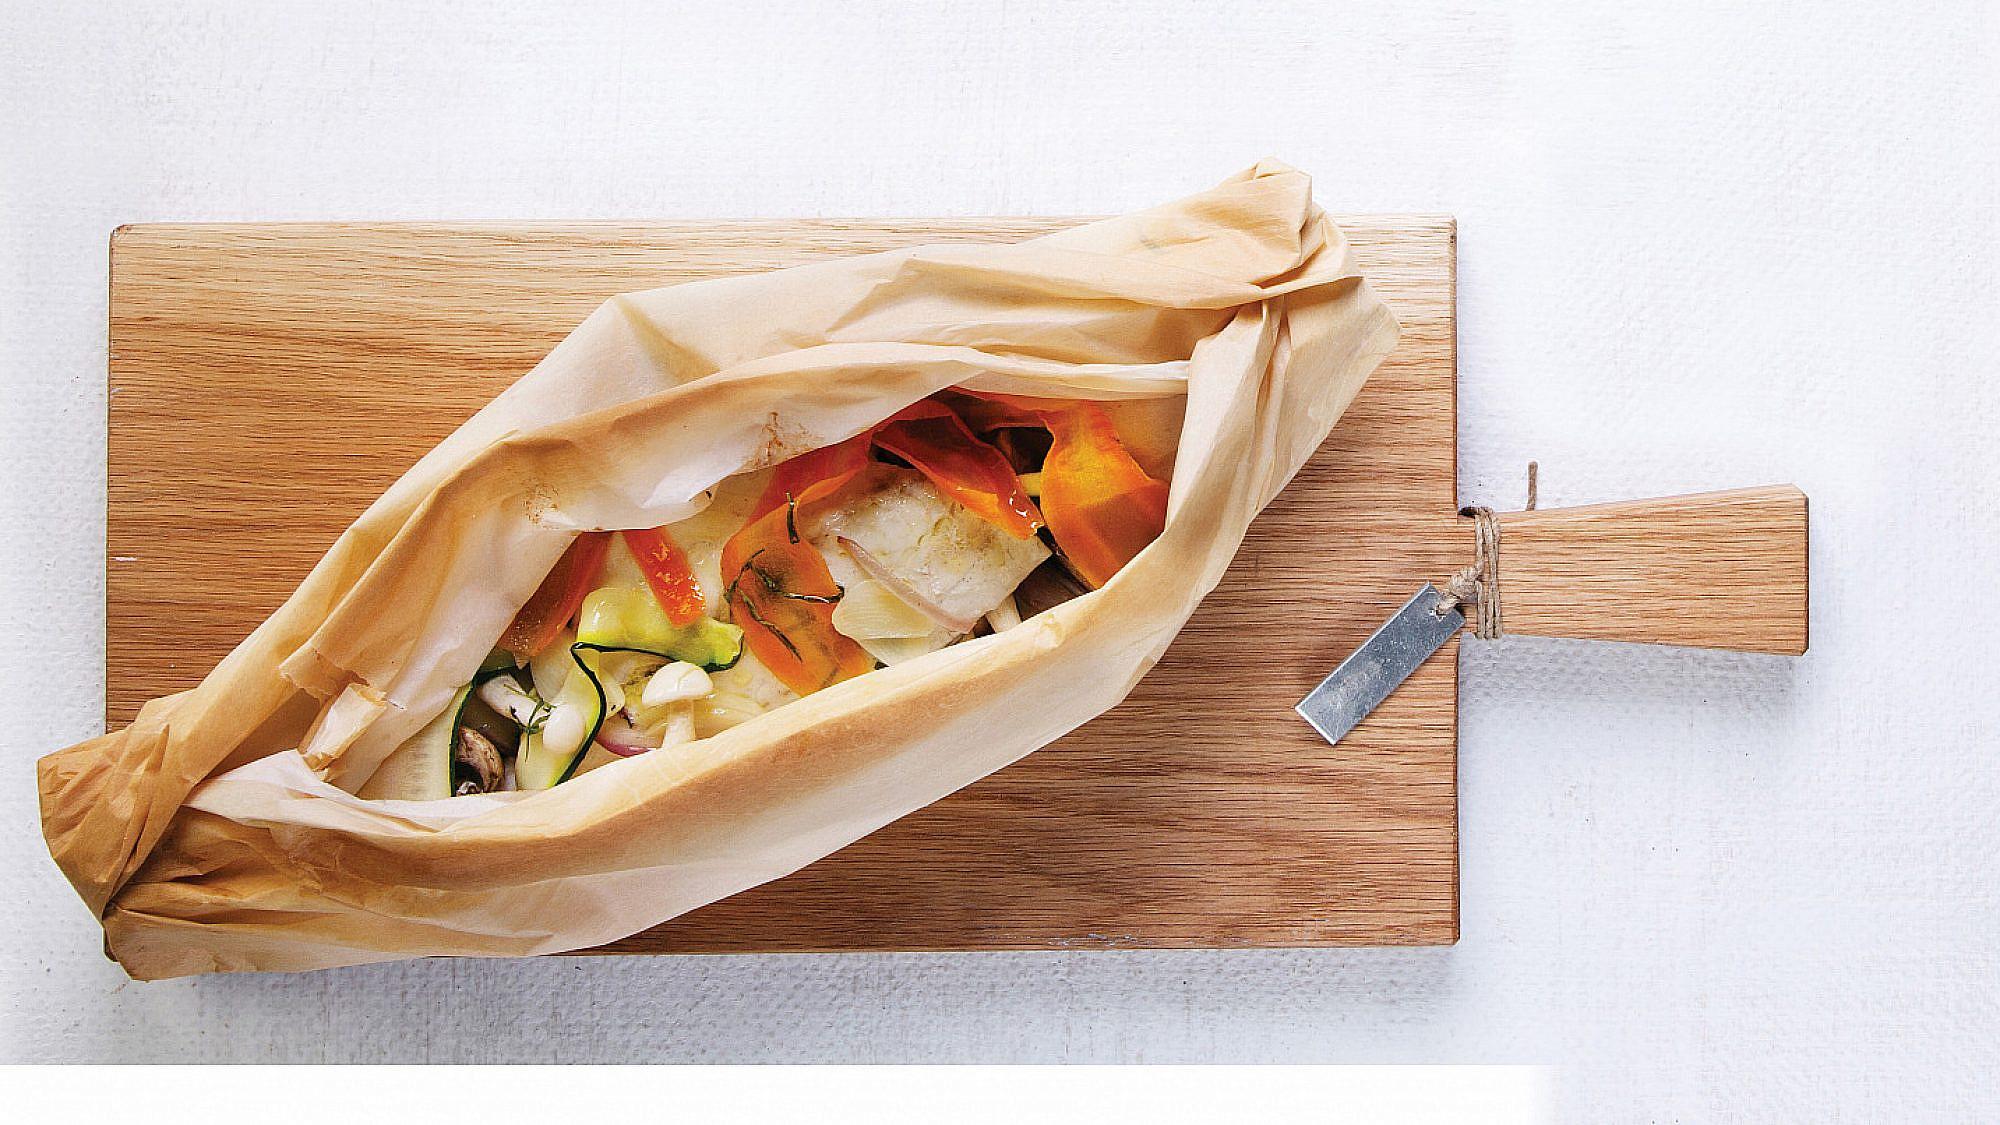 דניס במעטפת (פפיוט) עם ירקות שורש וורמוט של איל לביא. צילום: דניאל לילה. סטיילינג: עמית פרבר